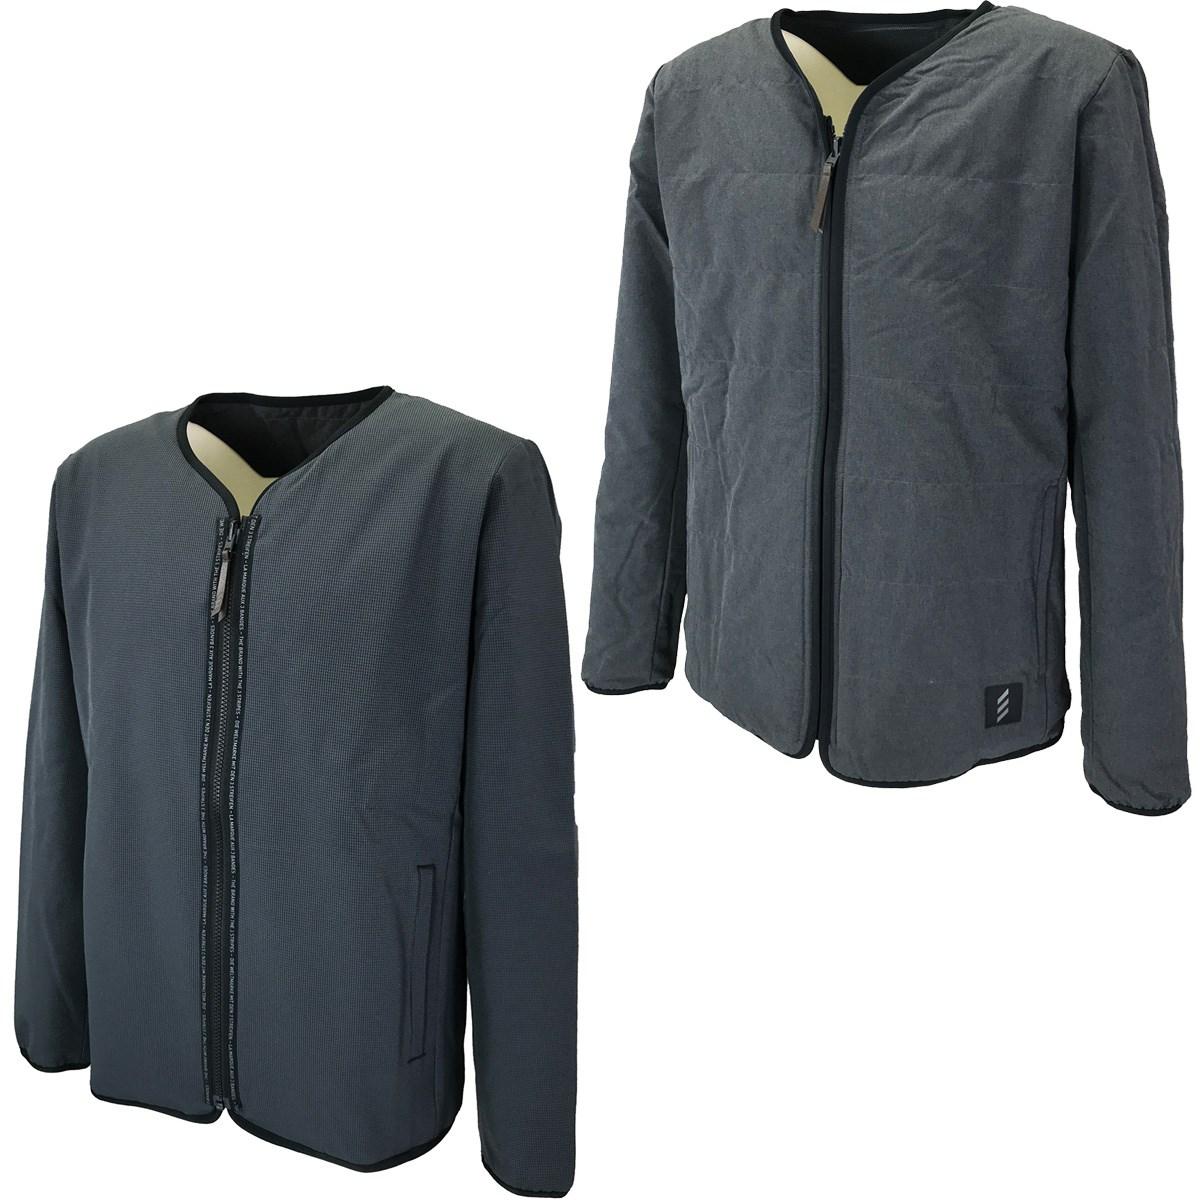 アディダス Adidas ADICROSS リバーシブルストレッチ長袖ジャケット J/M ブラック